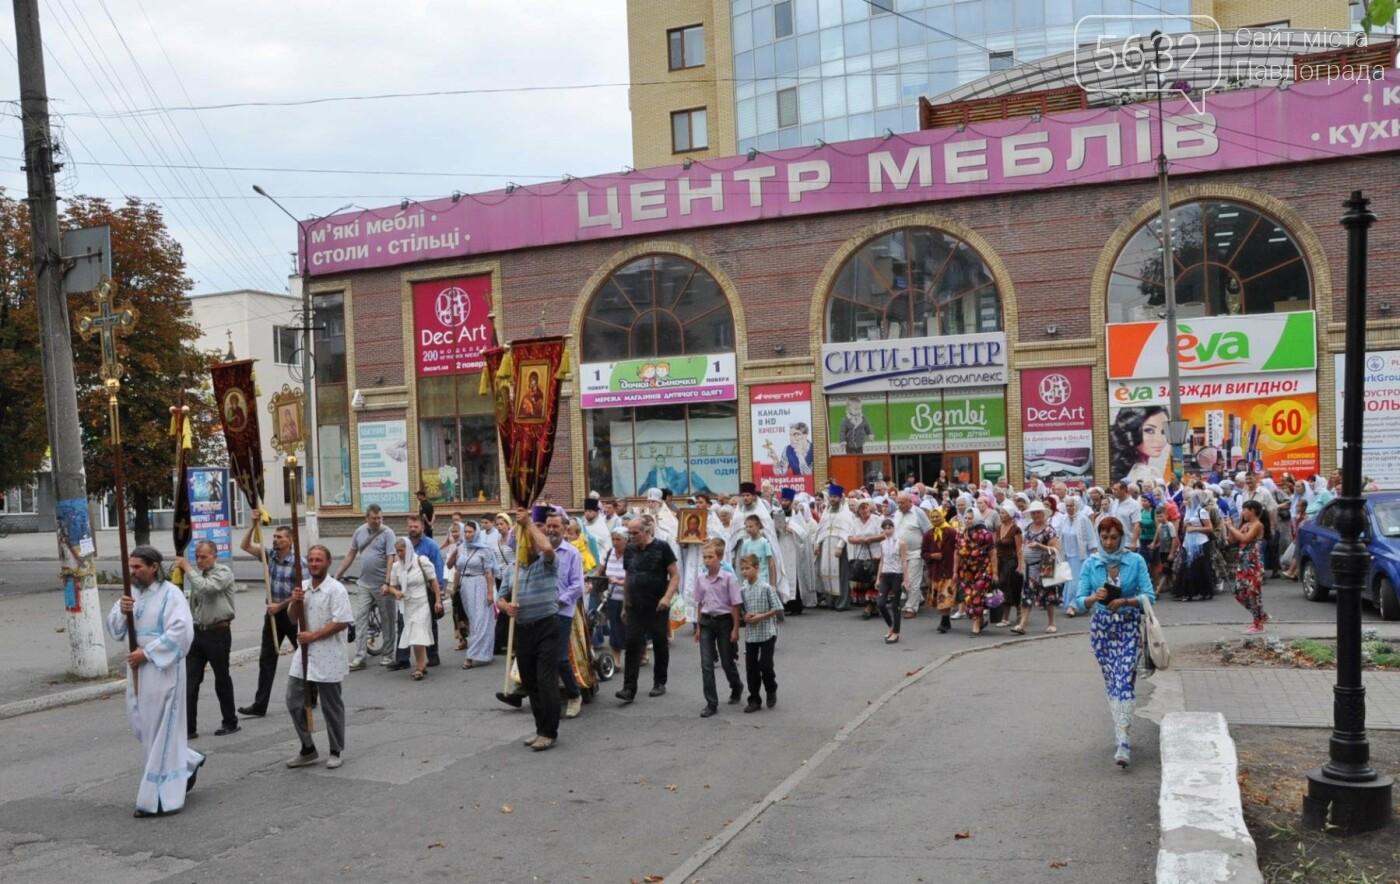 В Павлограде православные празднуют Успение Пресвятой Богородицы (Обновлено), фото-9